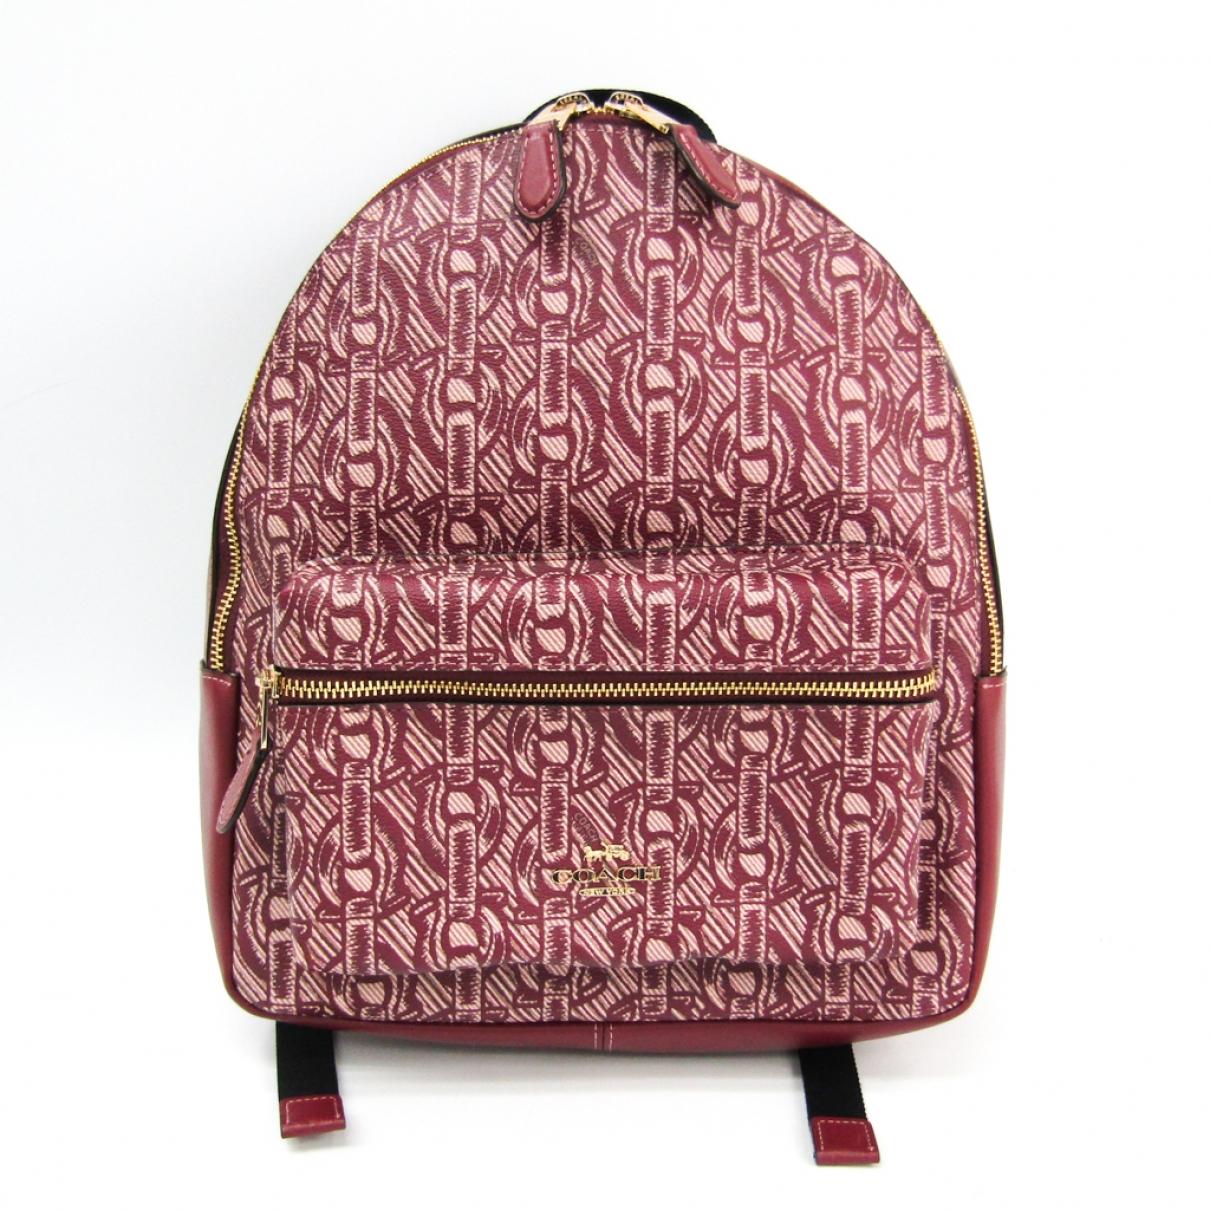 Coach \N Burgundy Leather backpack for Women \N